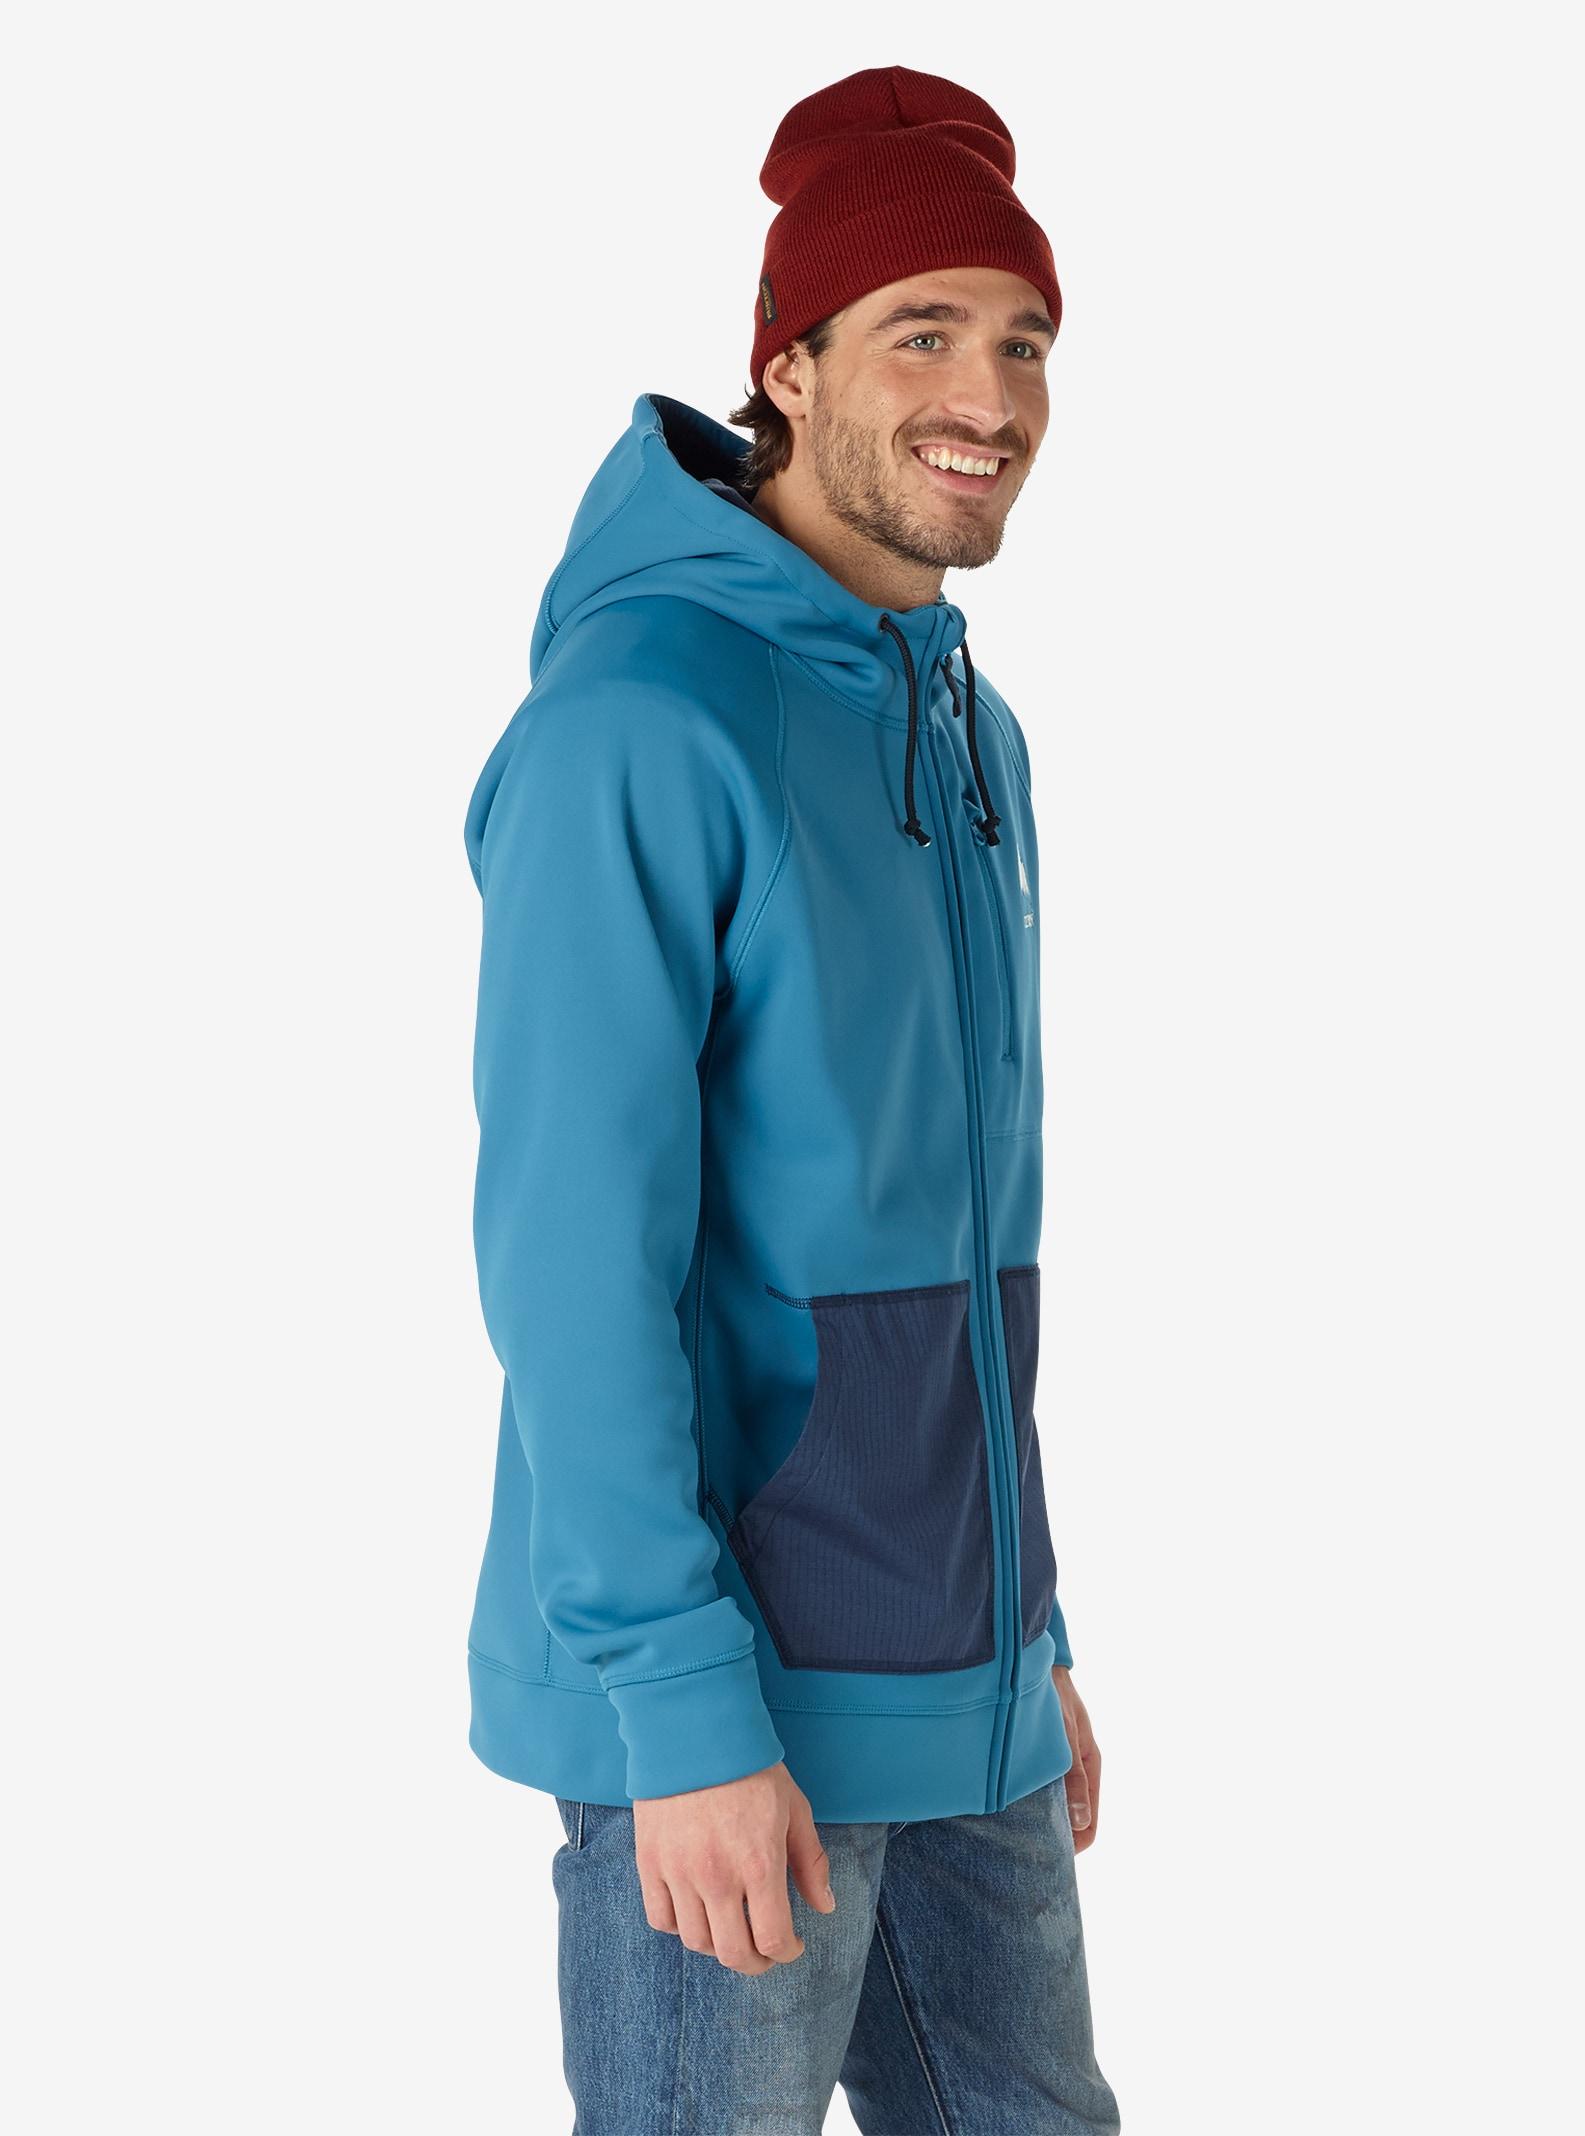 Men's Burton Bonded Full-Zip Hoodie shown in Mountaineer